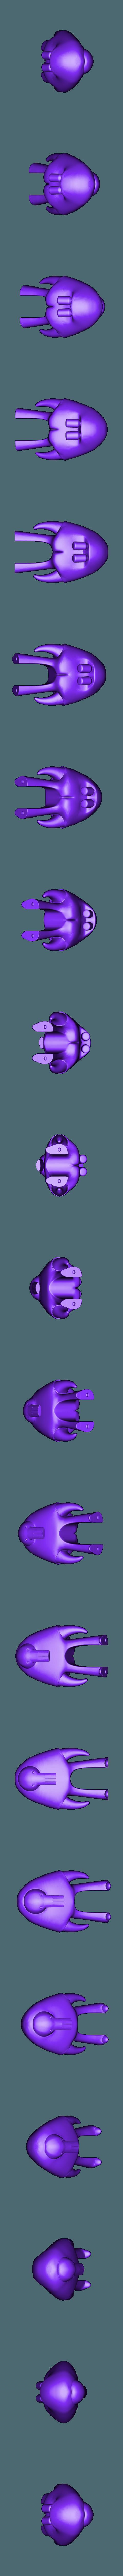 toydesign_prepared3.STL Download STL file Monster Figure Designer Toy • 3D printable model, helloludo